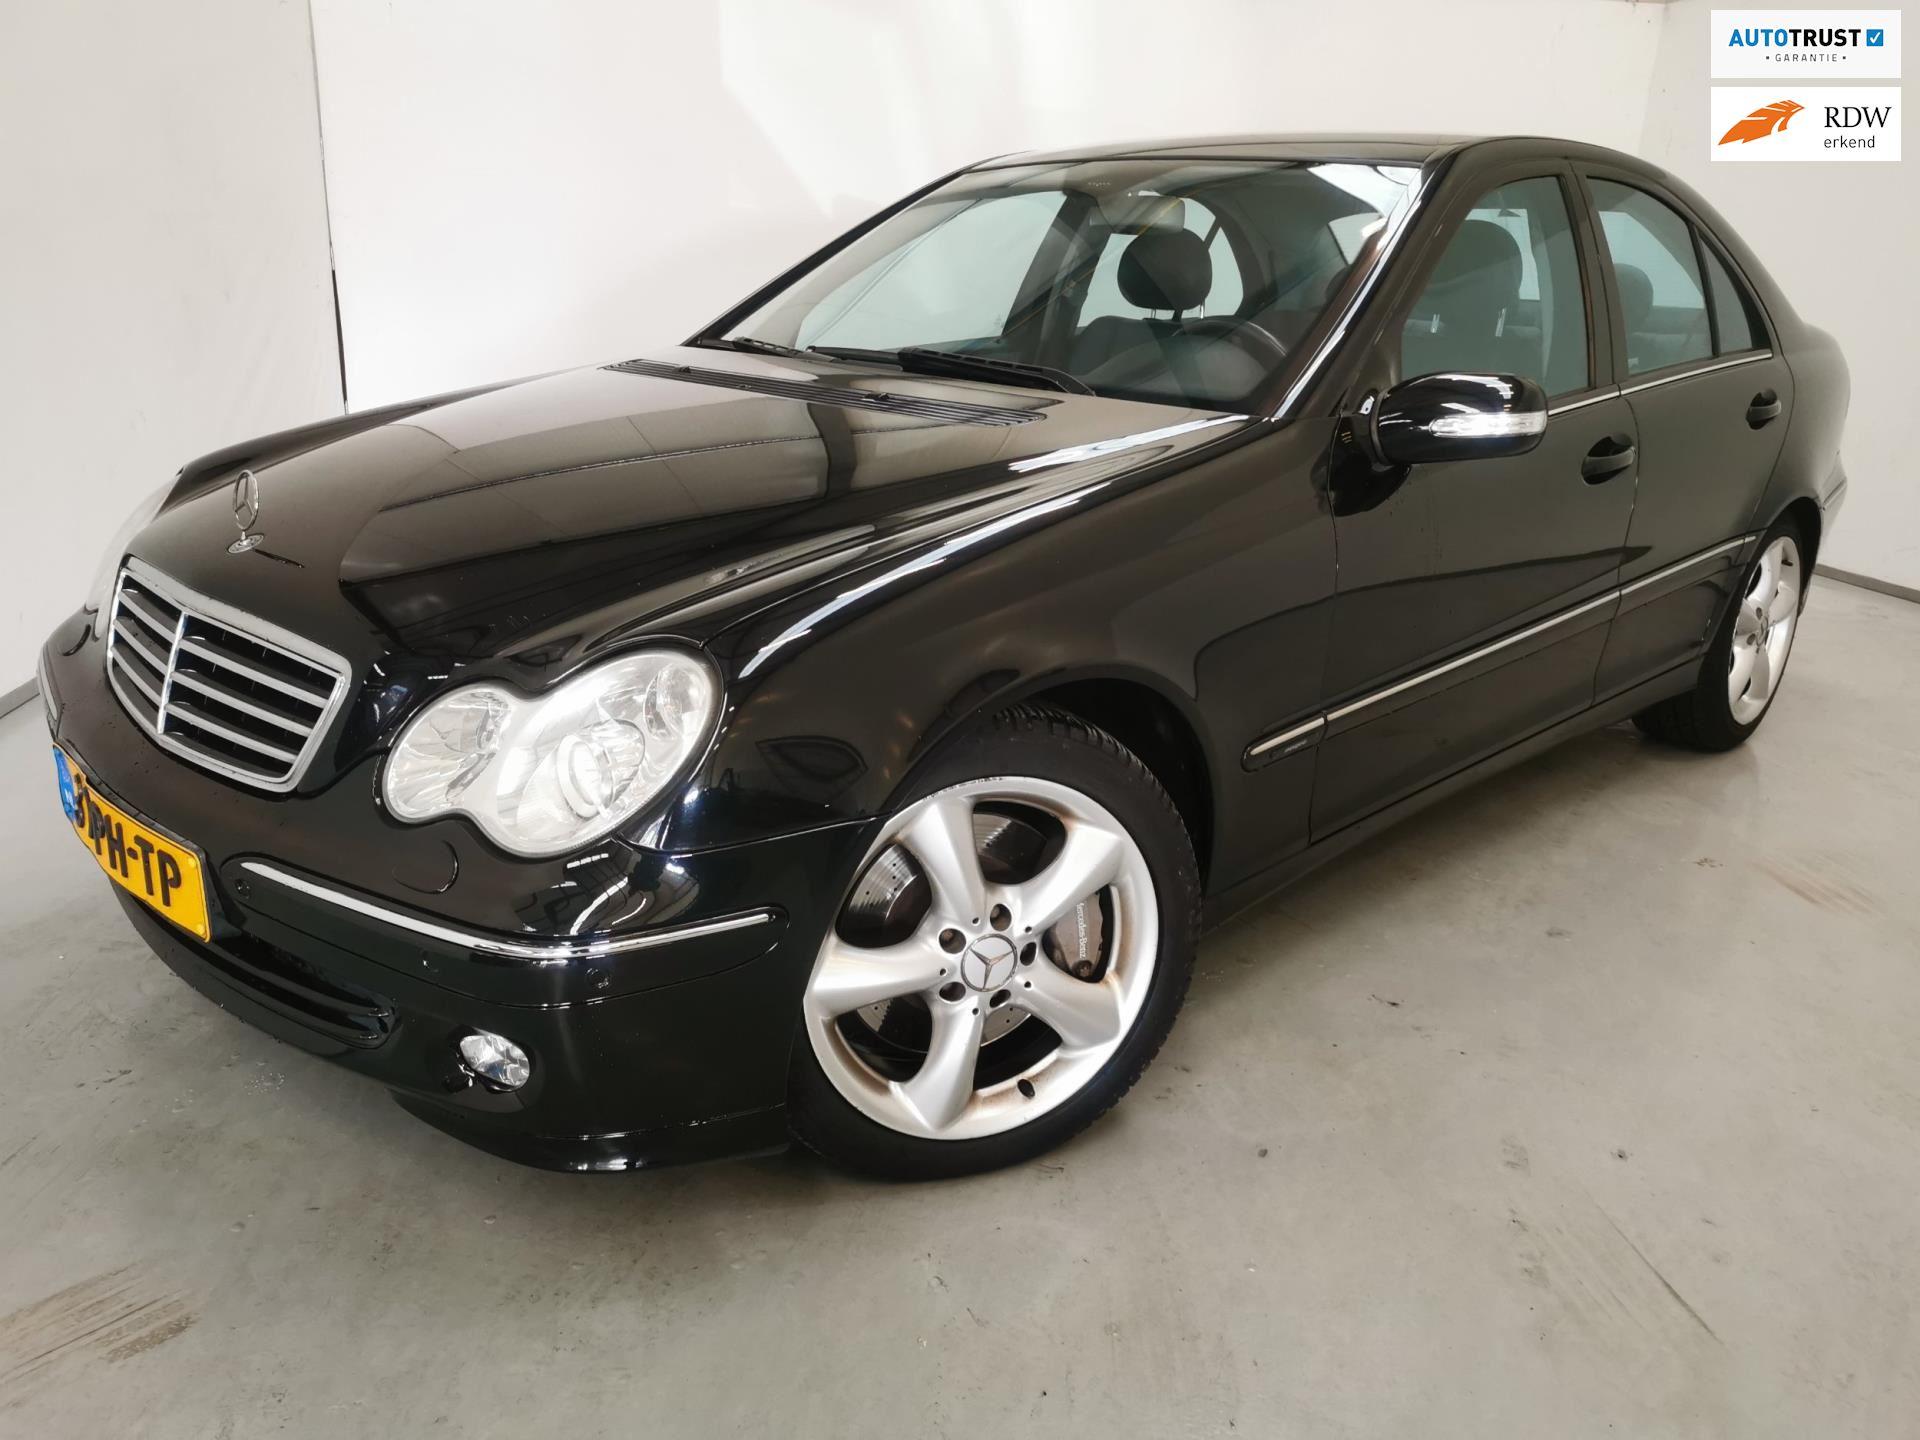 Mercedes-Benz C-klasse occasion - Van den Brink Auto's